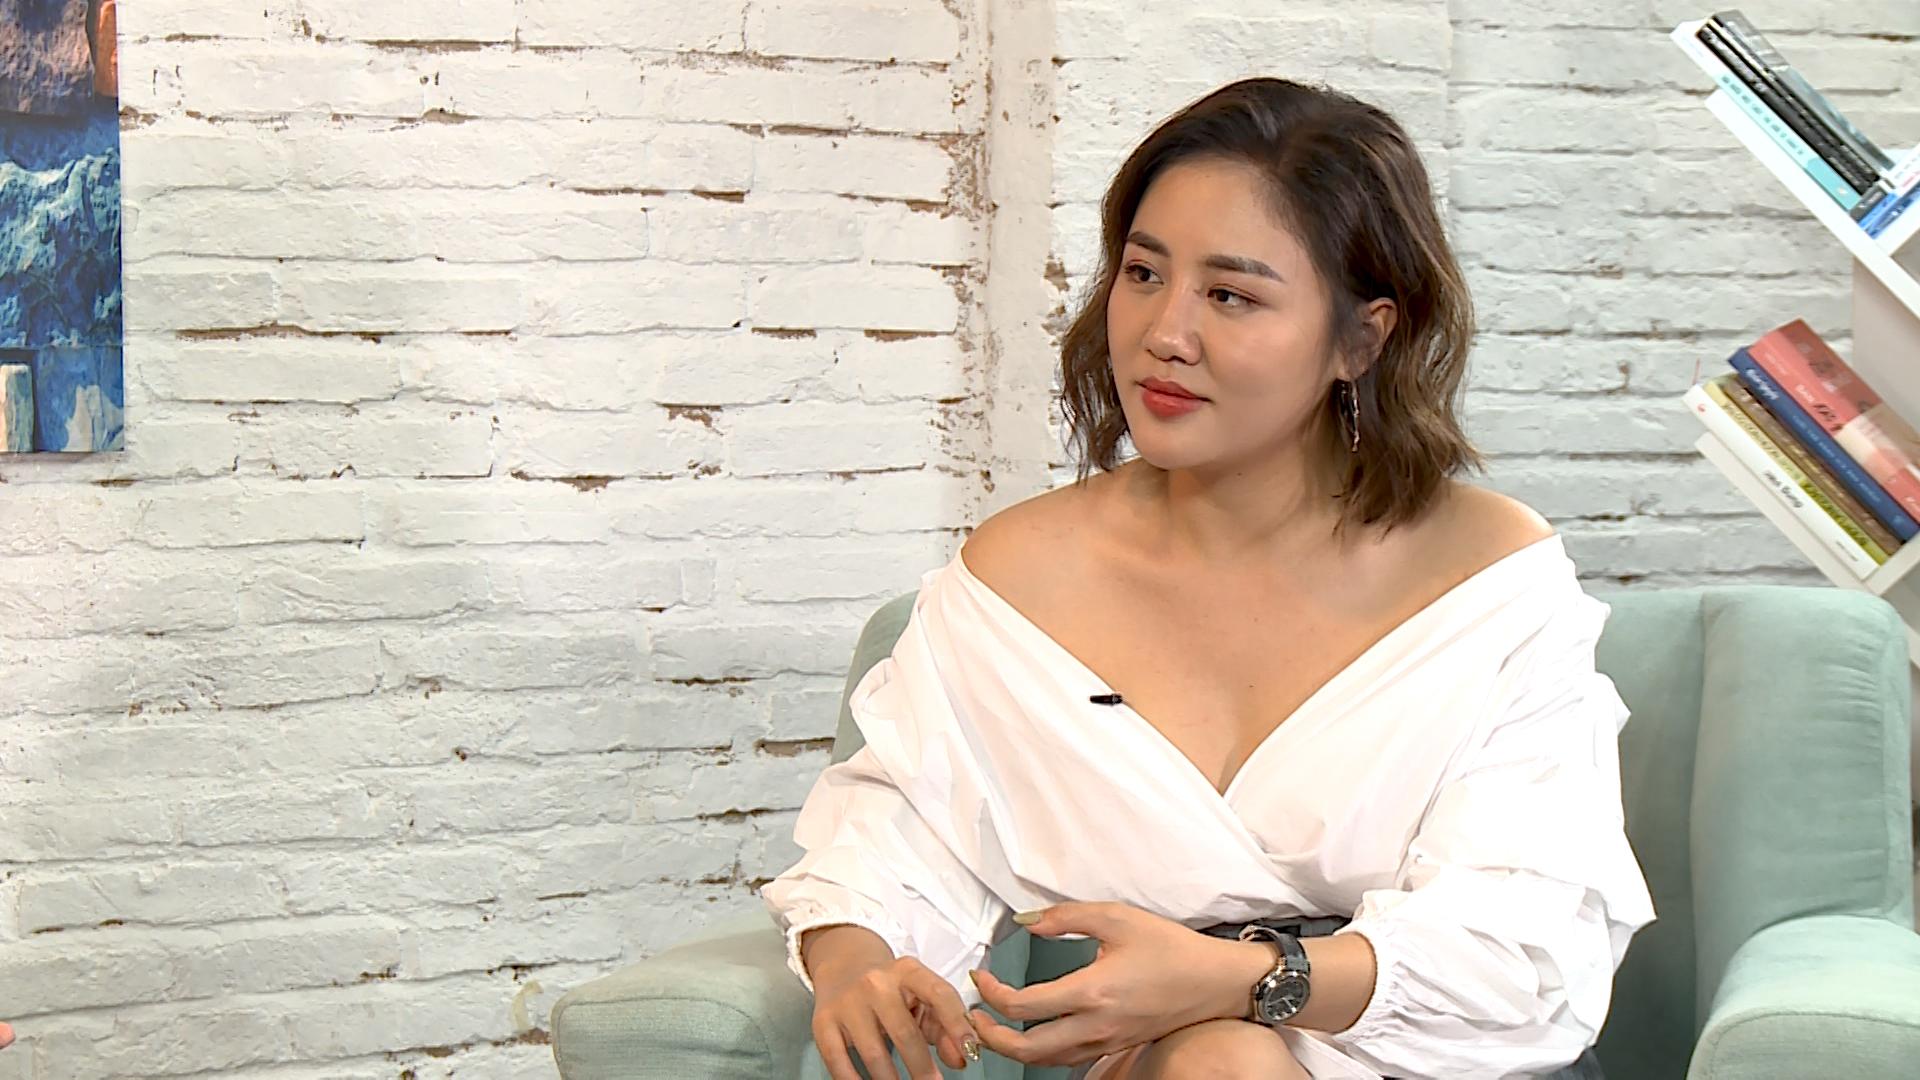 Văn Mai Hương tiết lộ chuyện nghe lời bố, quyết định chia tay tình cũ - 1